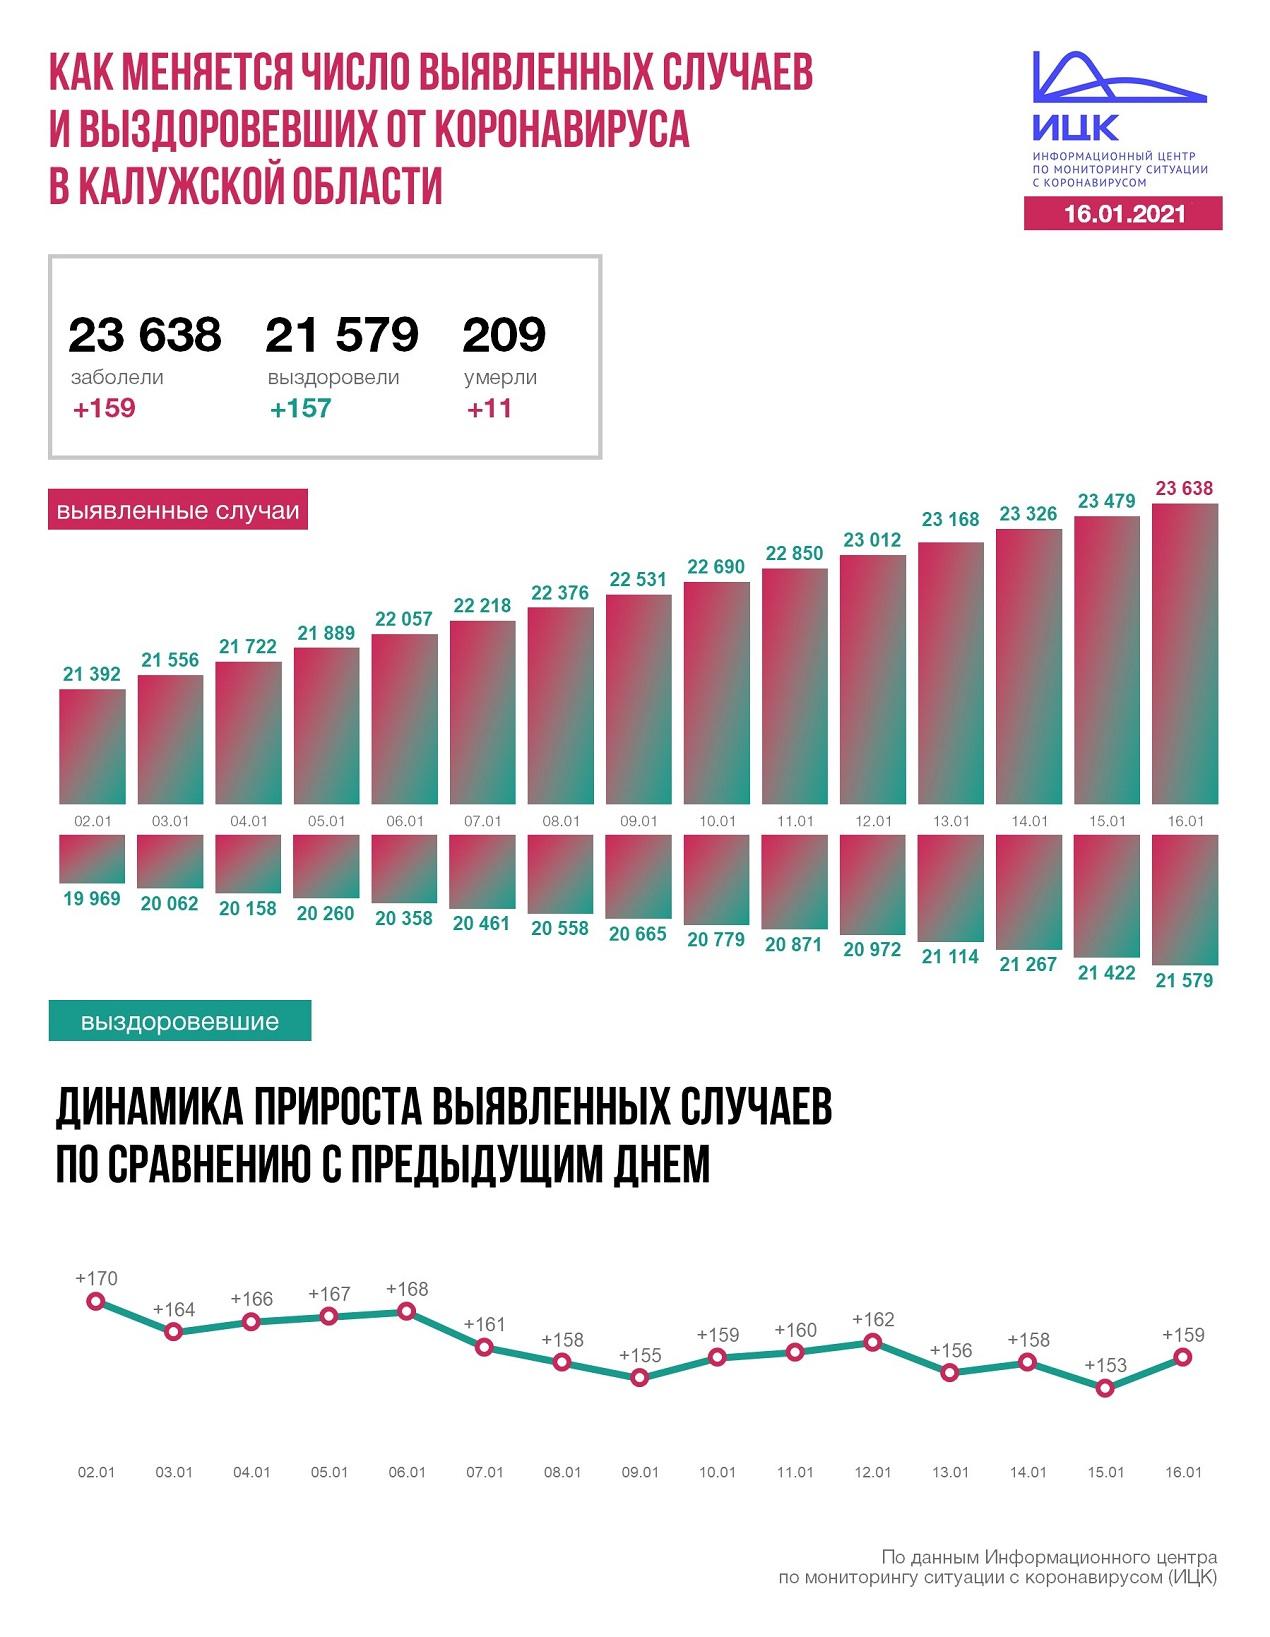 Официальные данные по коронавирусу в Калужской области на 16 января 2021 года.